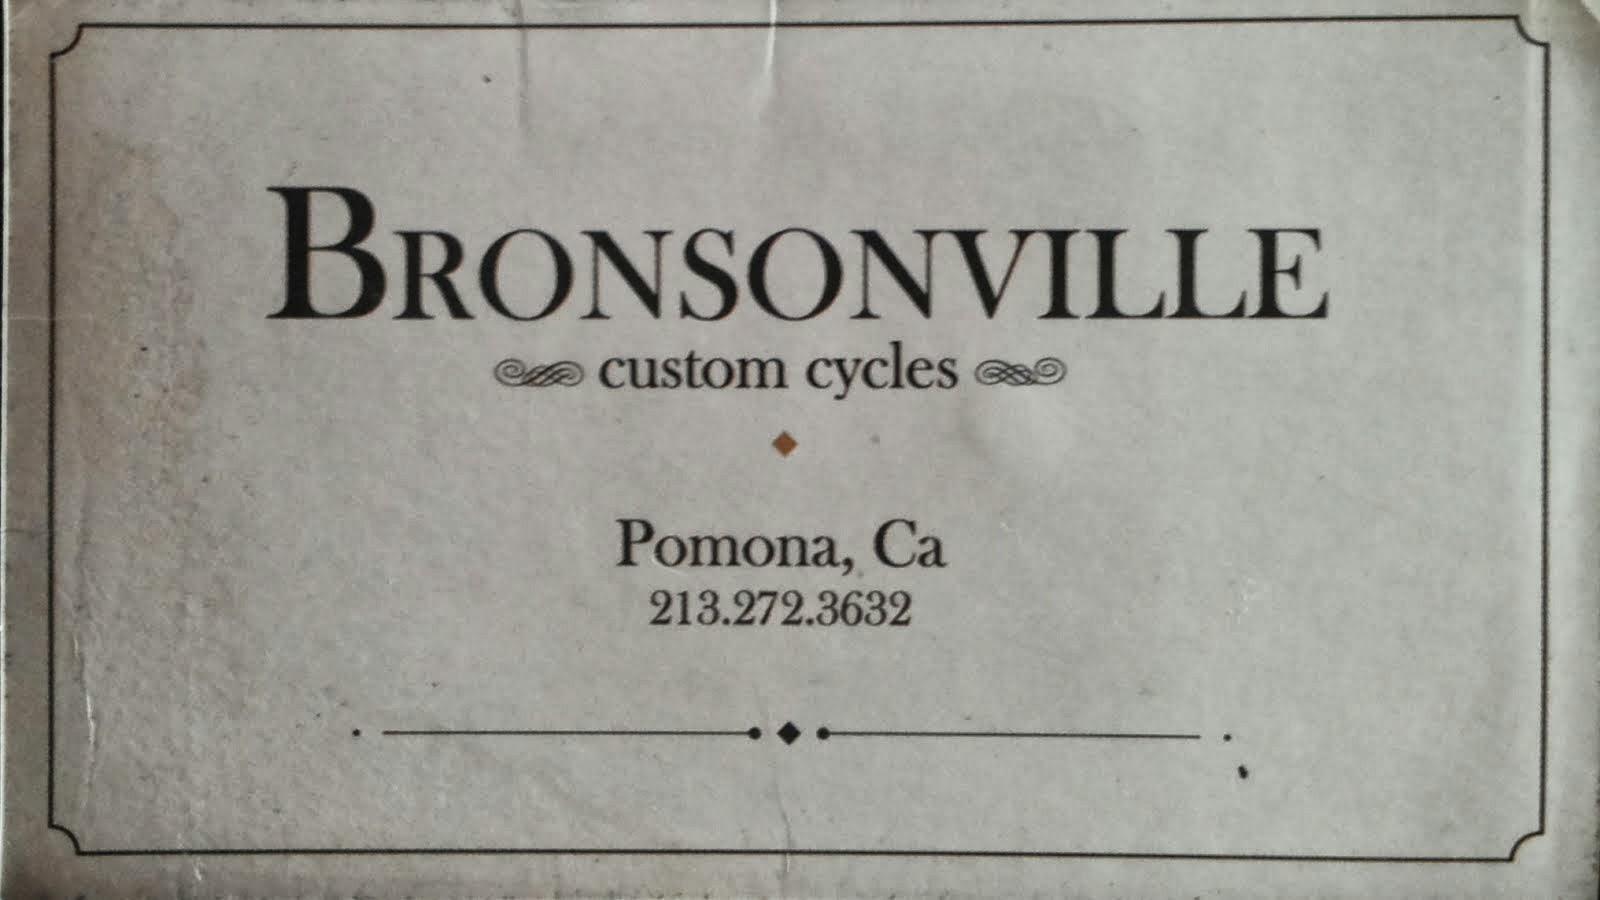 BRONSONVILLE